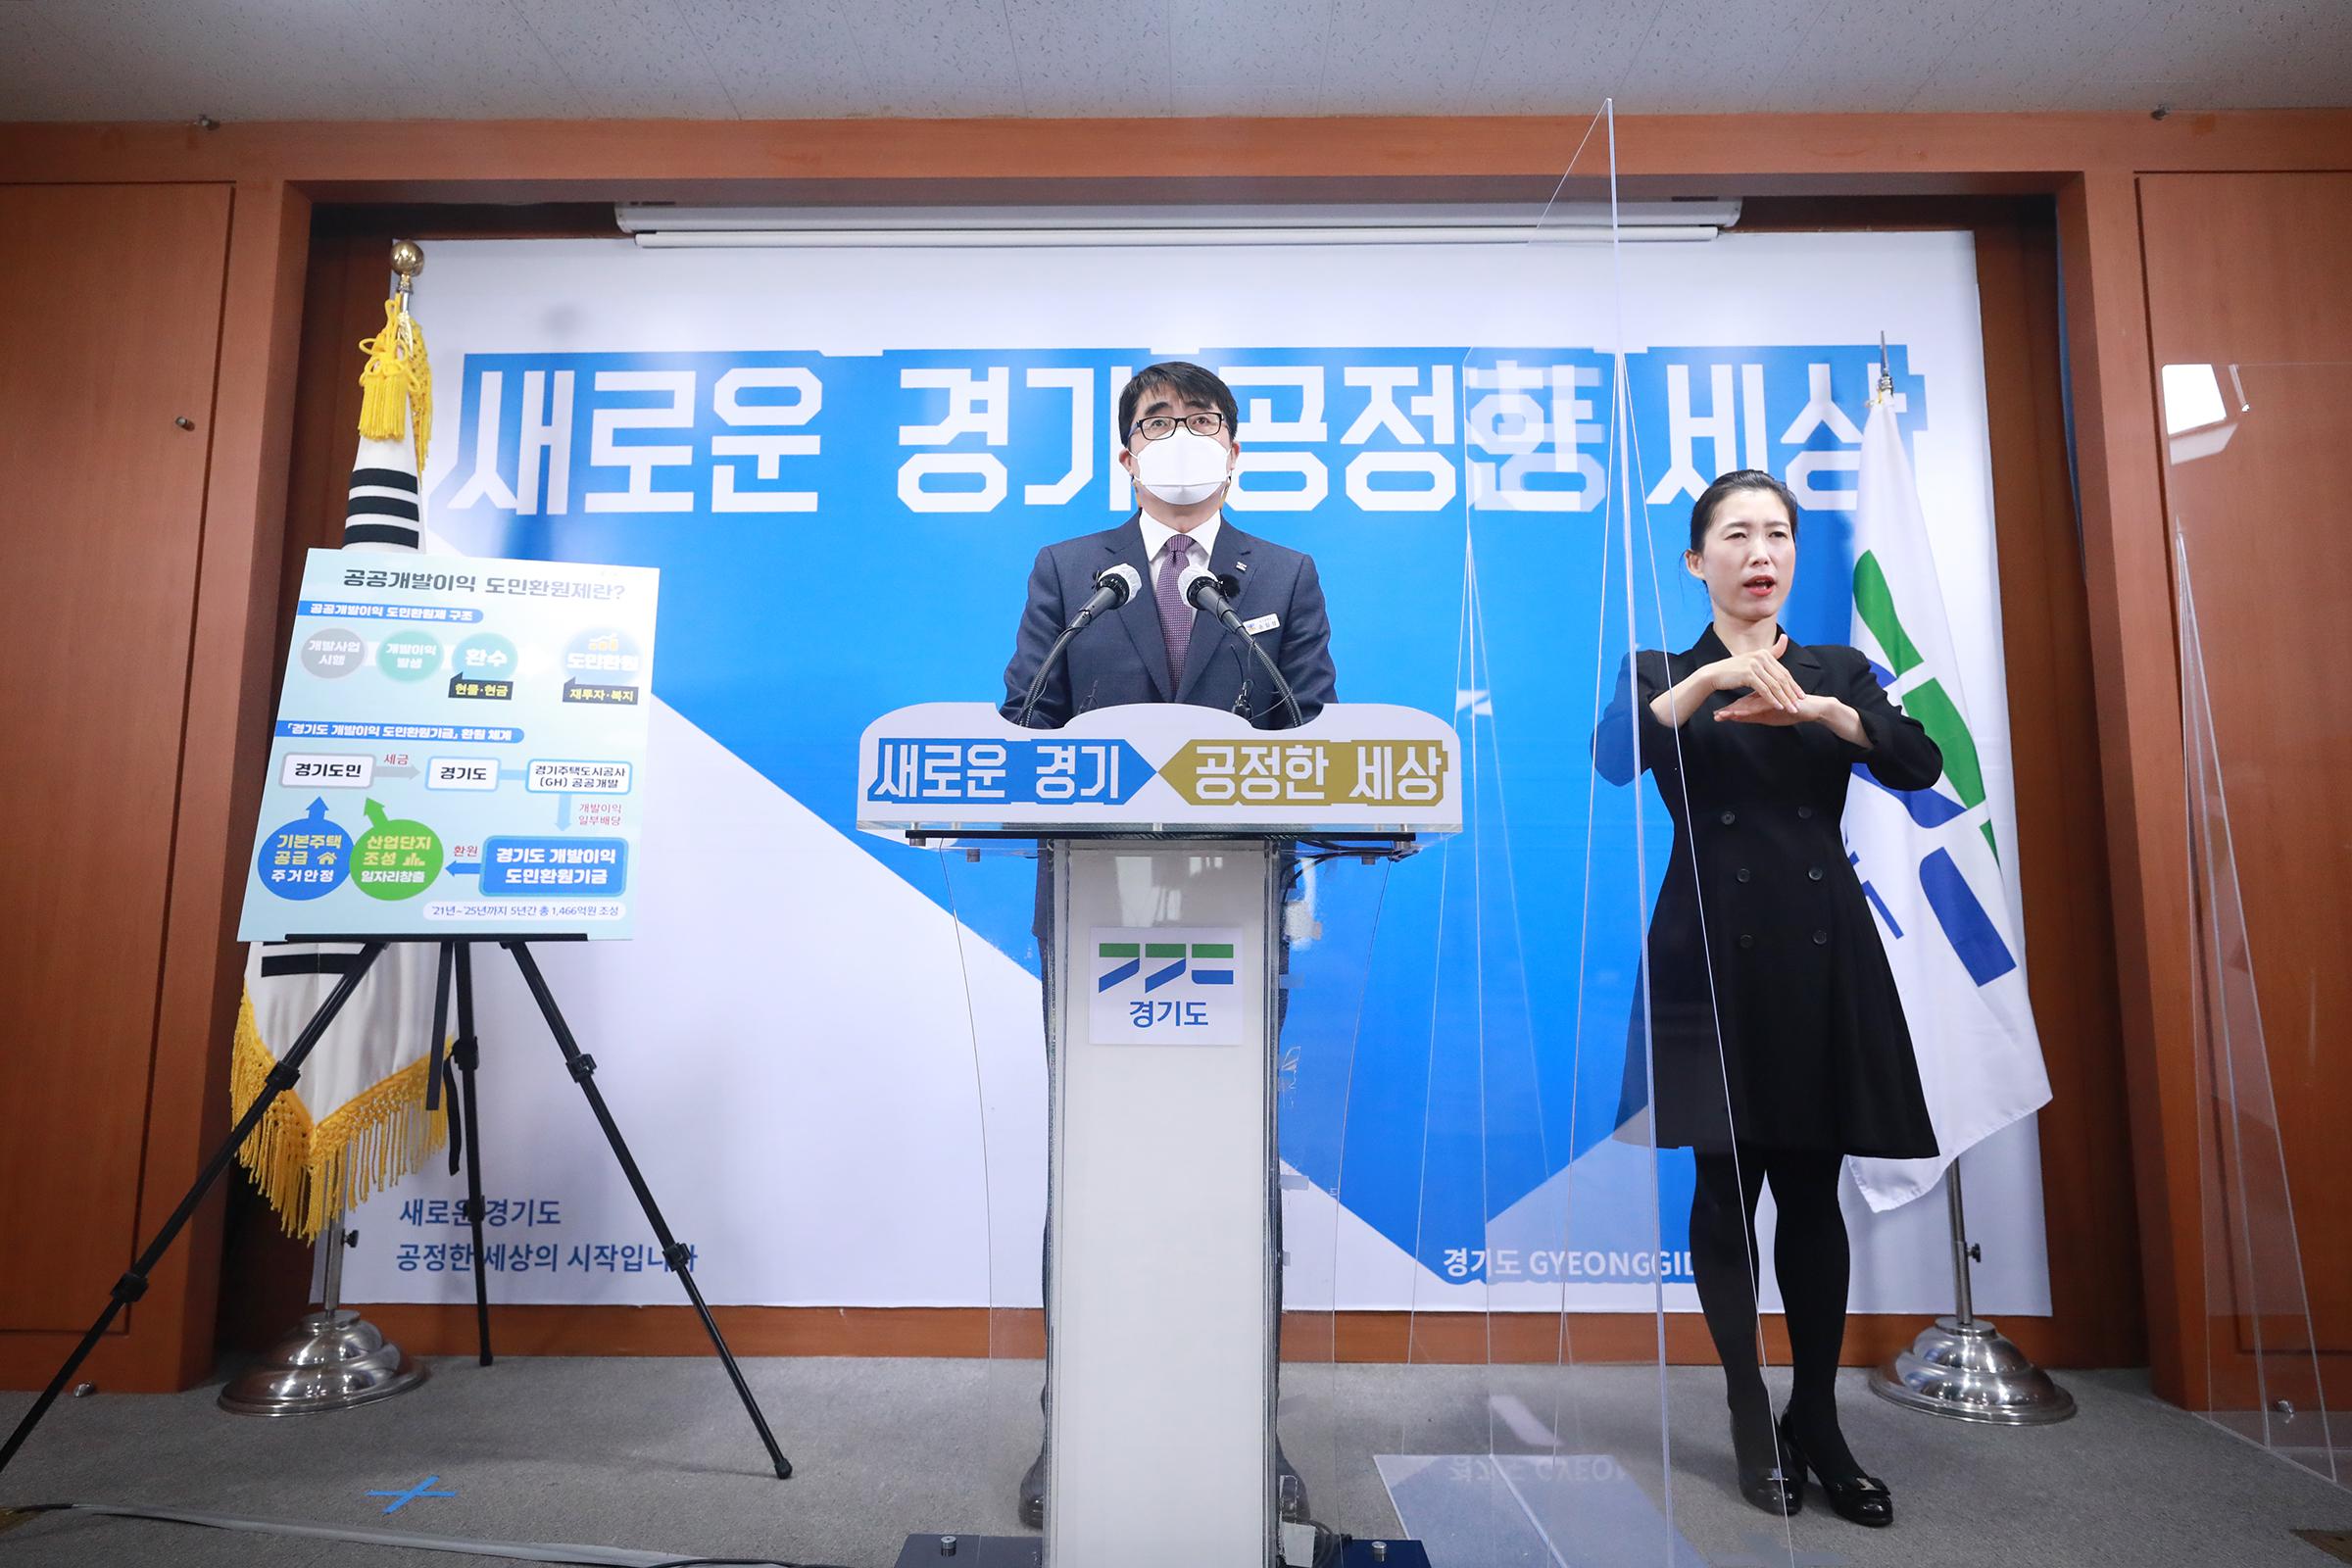 경기도 개발이익 도민환원기금 신설. 5년간 1,466억 원 조성